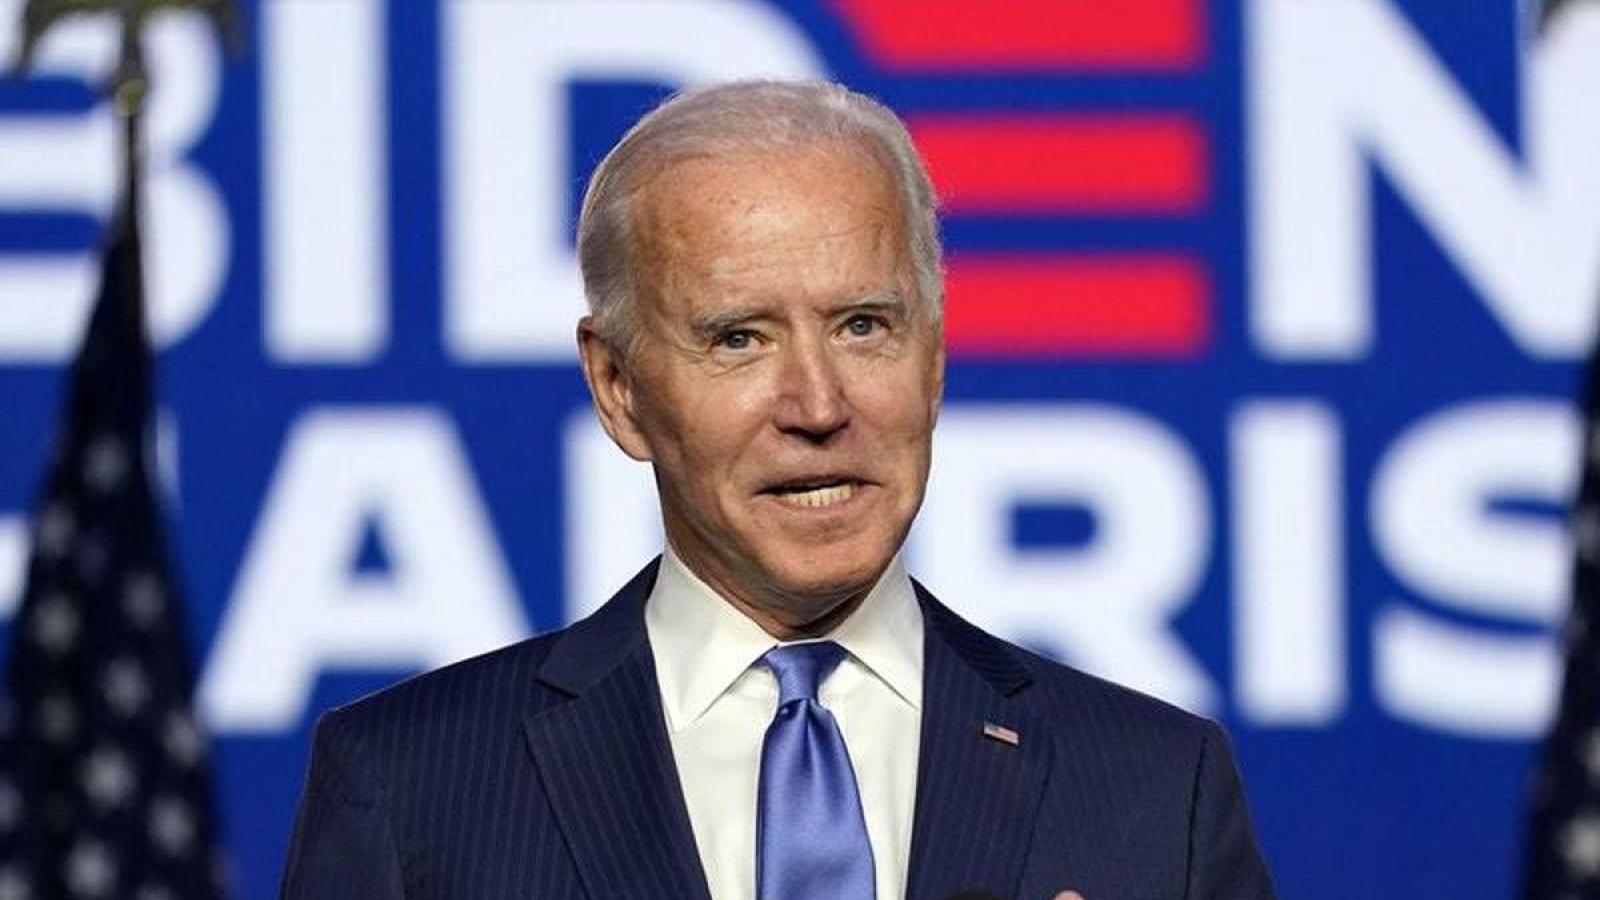 Joe Biden là tên người được tìm kiếm nhiều nhất trên Google trong năm 2020